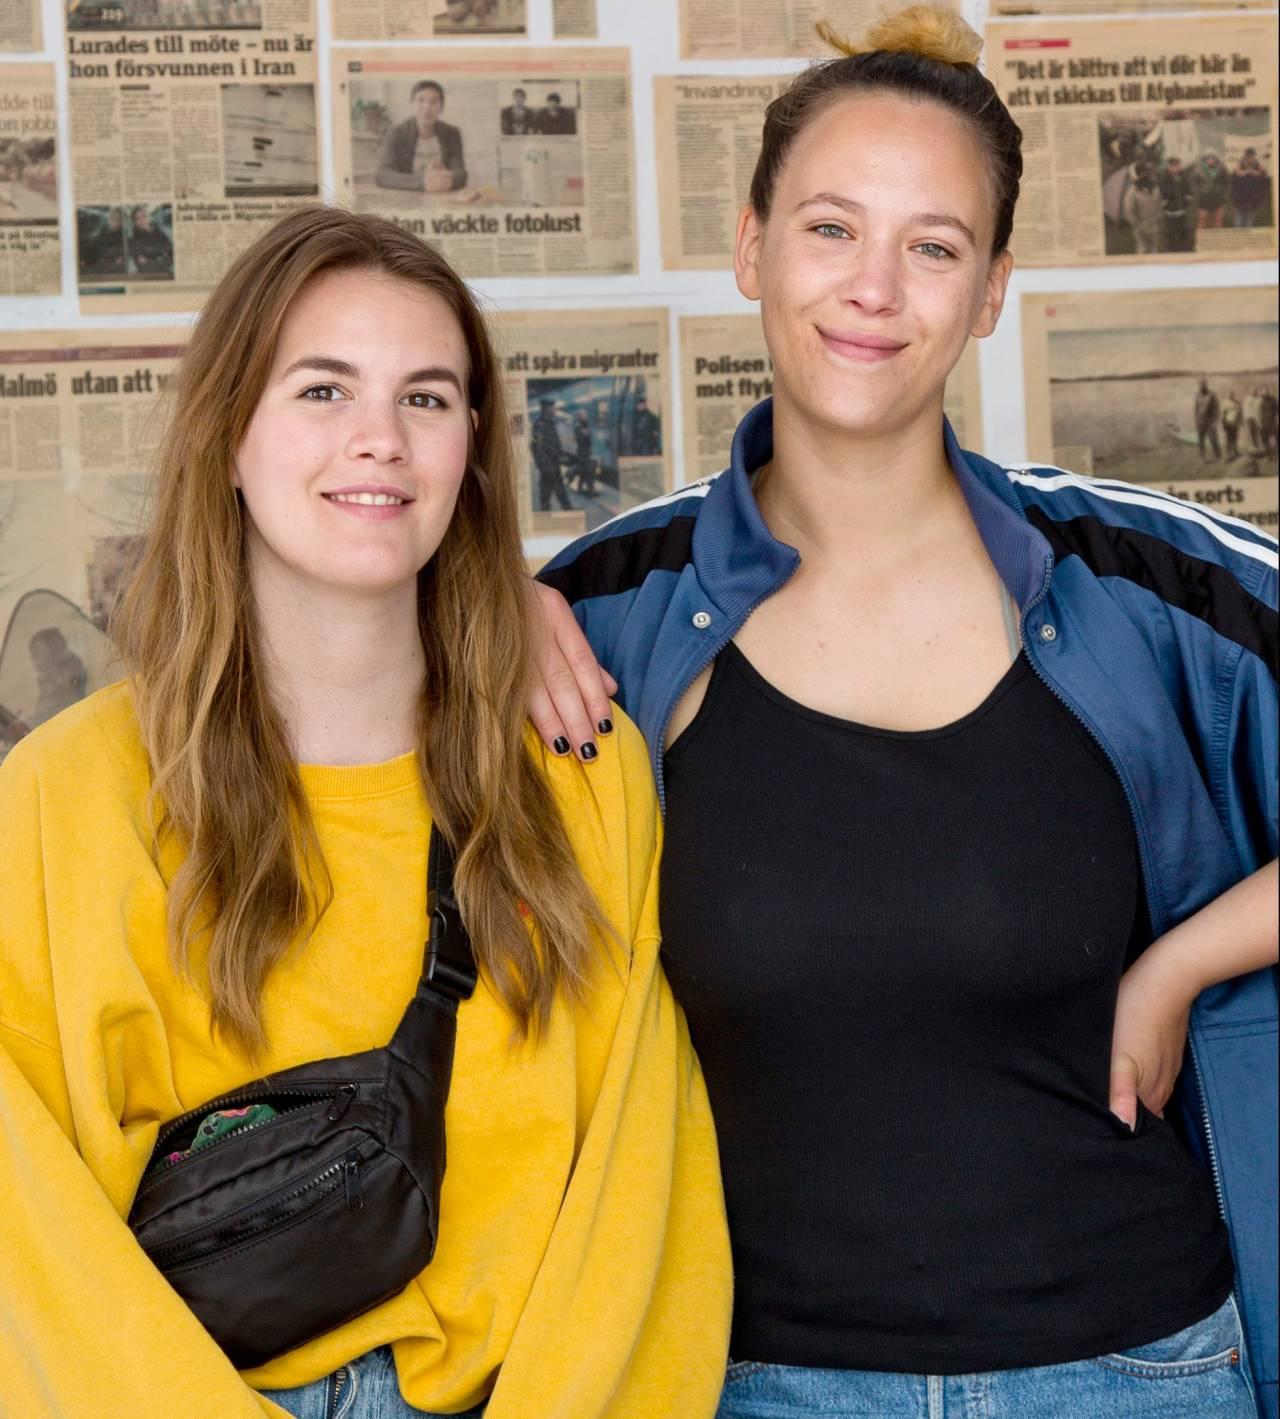 Mira Björkegren, projektedare och Bea Rundström, socionom arbetar tillsammans på Ensamkommandes Förbund, en mötesplats för nyanlända ungdomar.